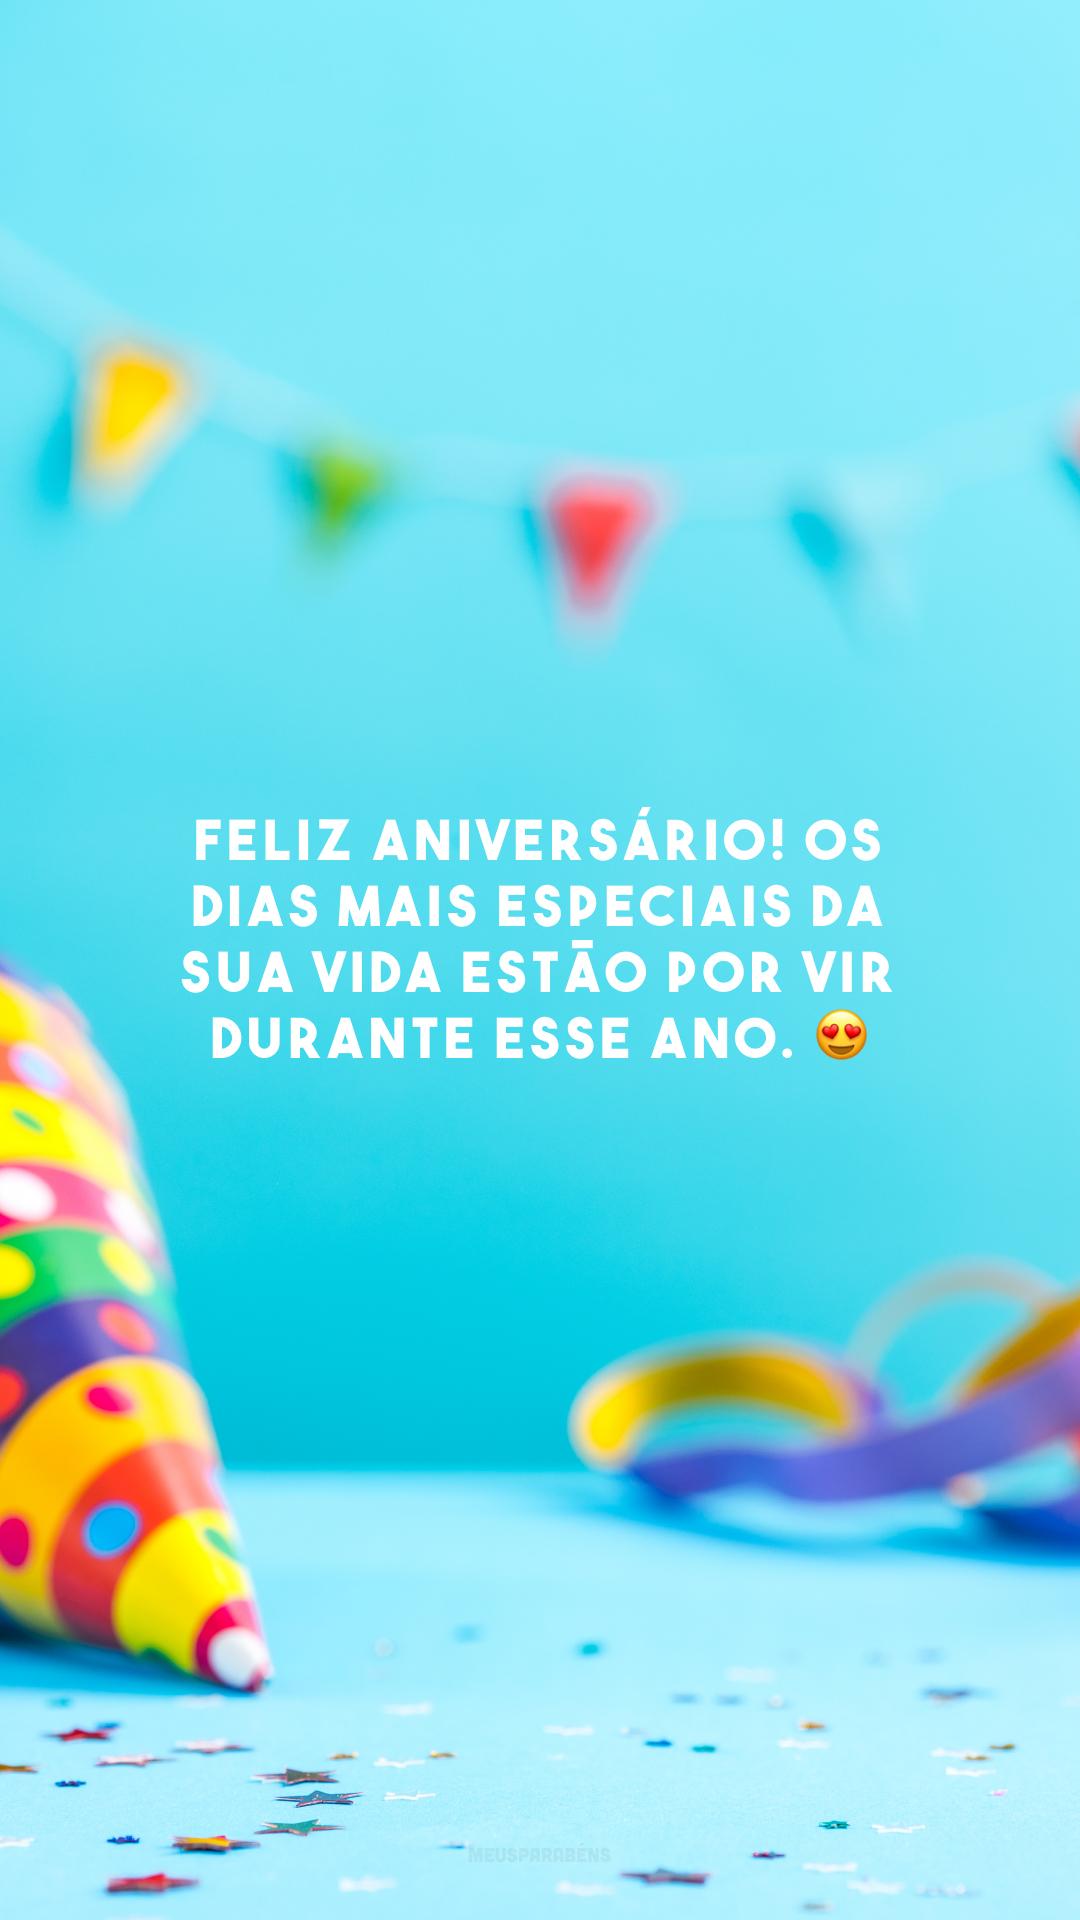 Feliz aniversário! Os dias mais especiais da sua vida estão por vir durante esse ano. 😍